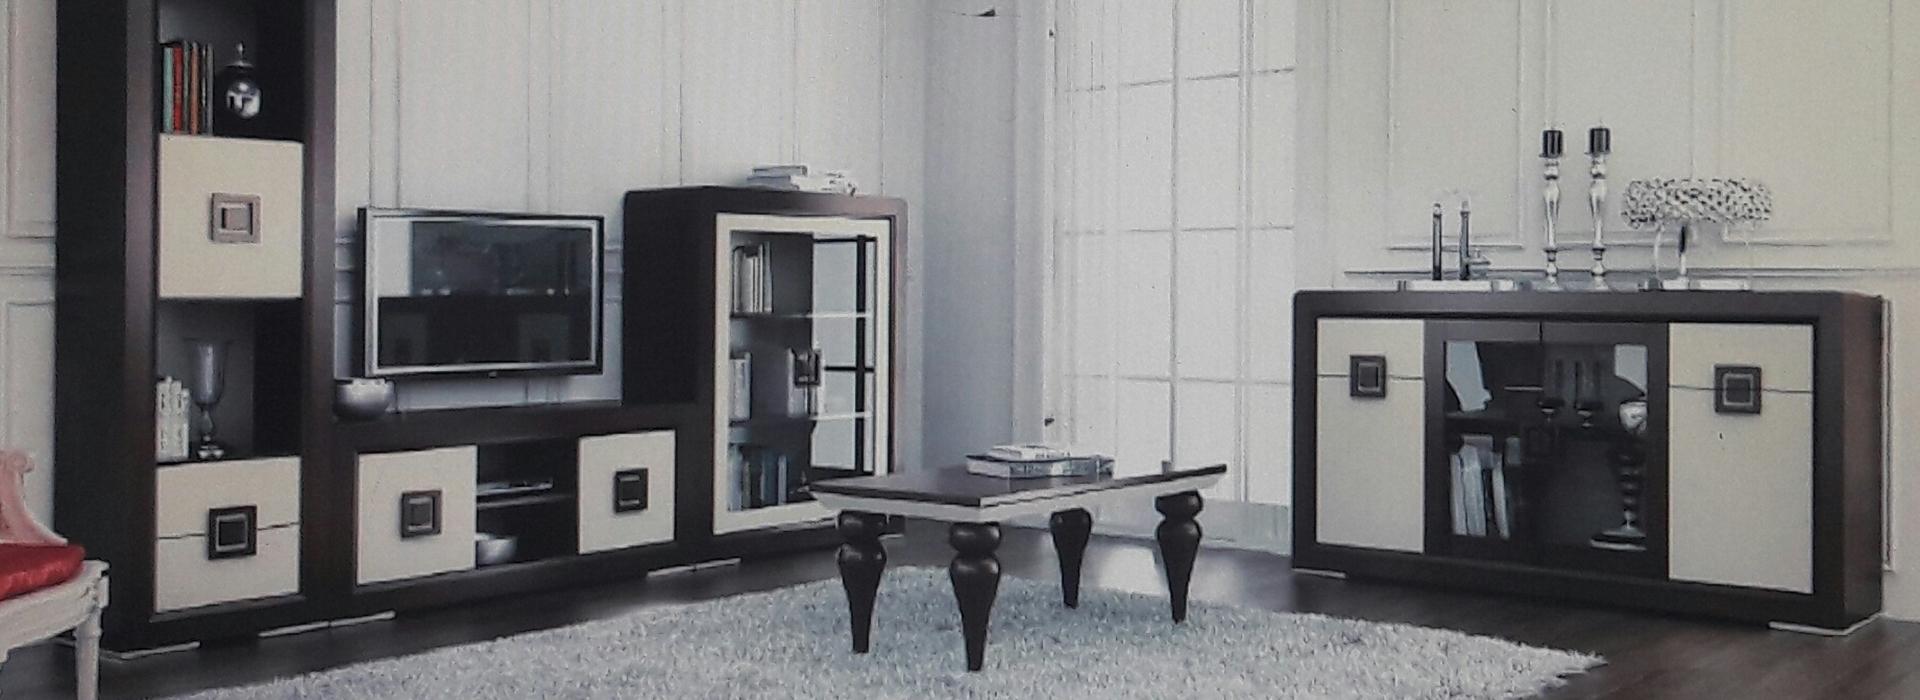 Bonito muebles inicioinicio regalo muebles para ideas de for Muebles torres y gutierrez